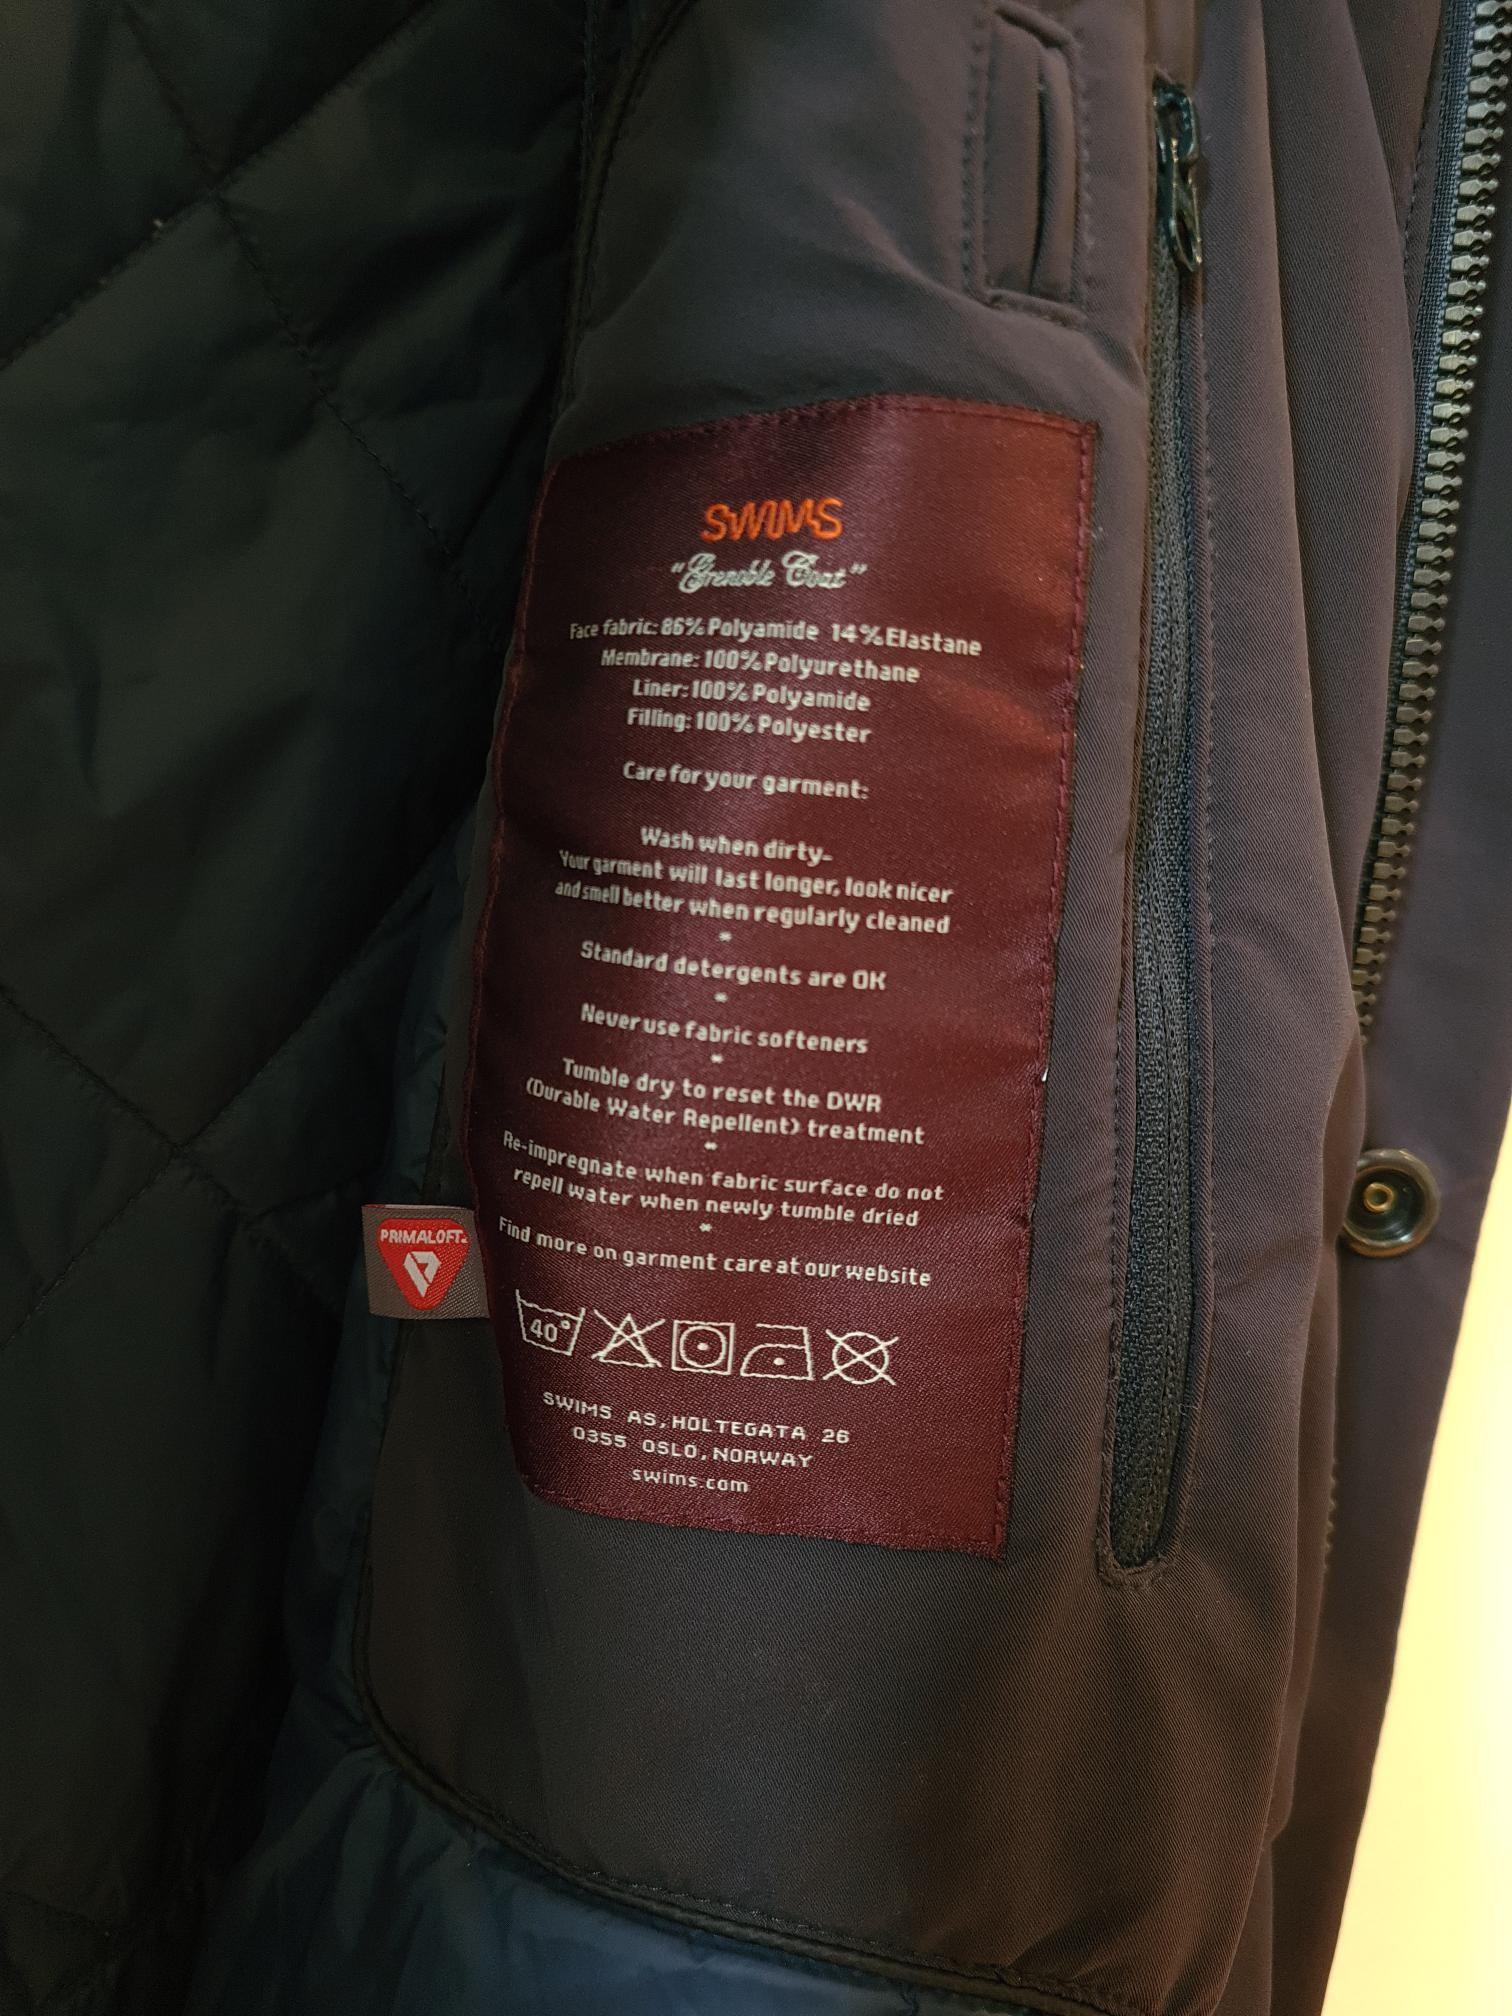 Swims herre jakke til salg . Ny pris 4500